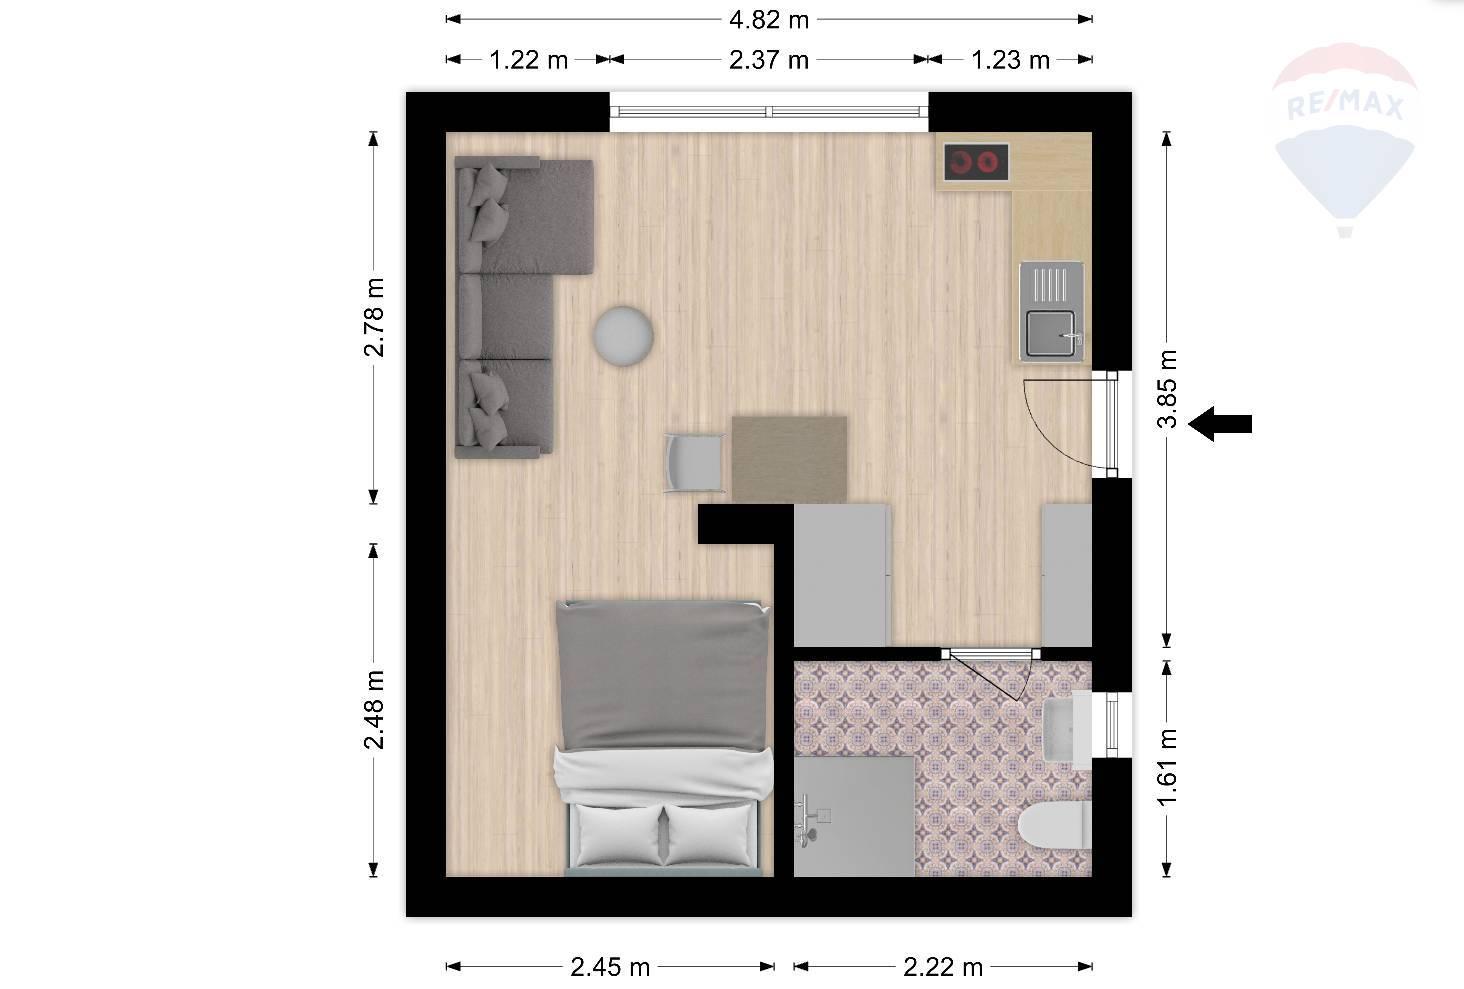 Prenájom bytu (1 izbový) 27 m2, Bratislava - Staré Mesto -